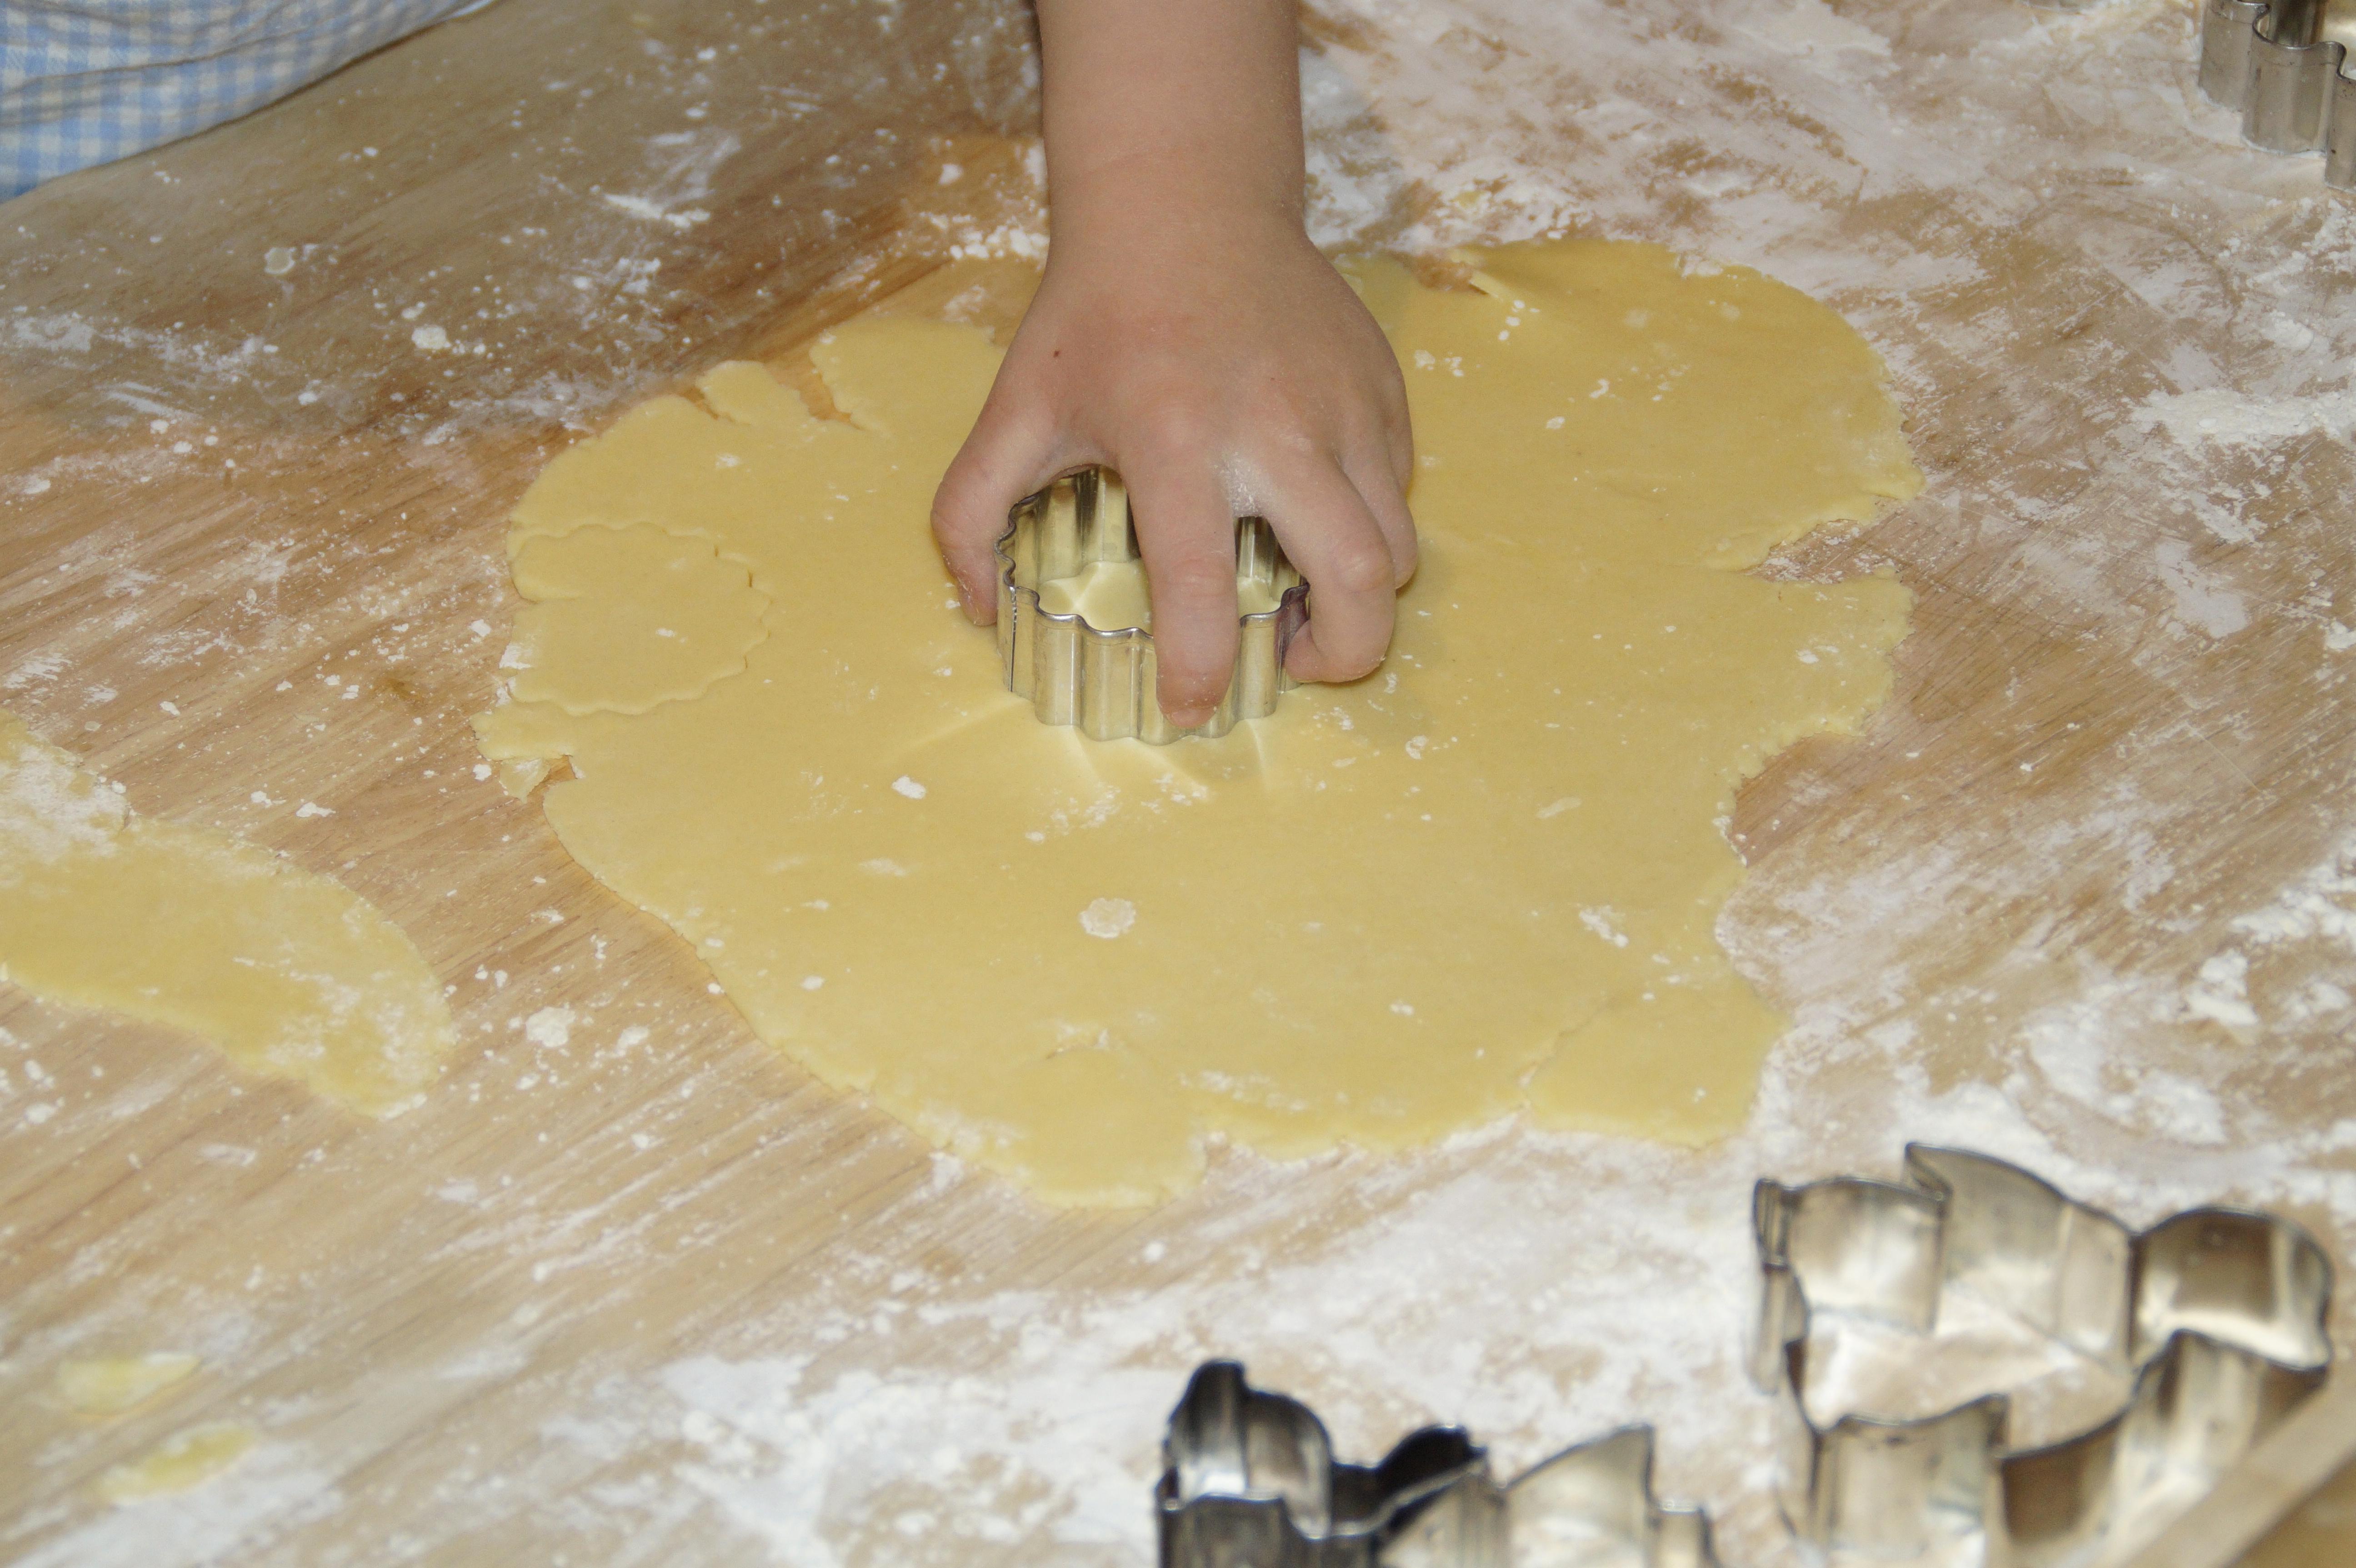 Kostenlose Bild: Mehl, Essen, Hand, Ernährung, Essen, Küche, Tisch ...